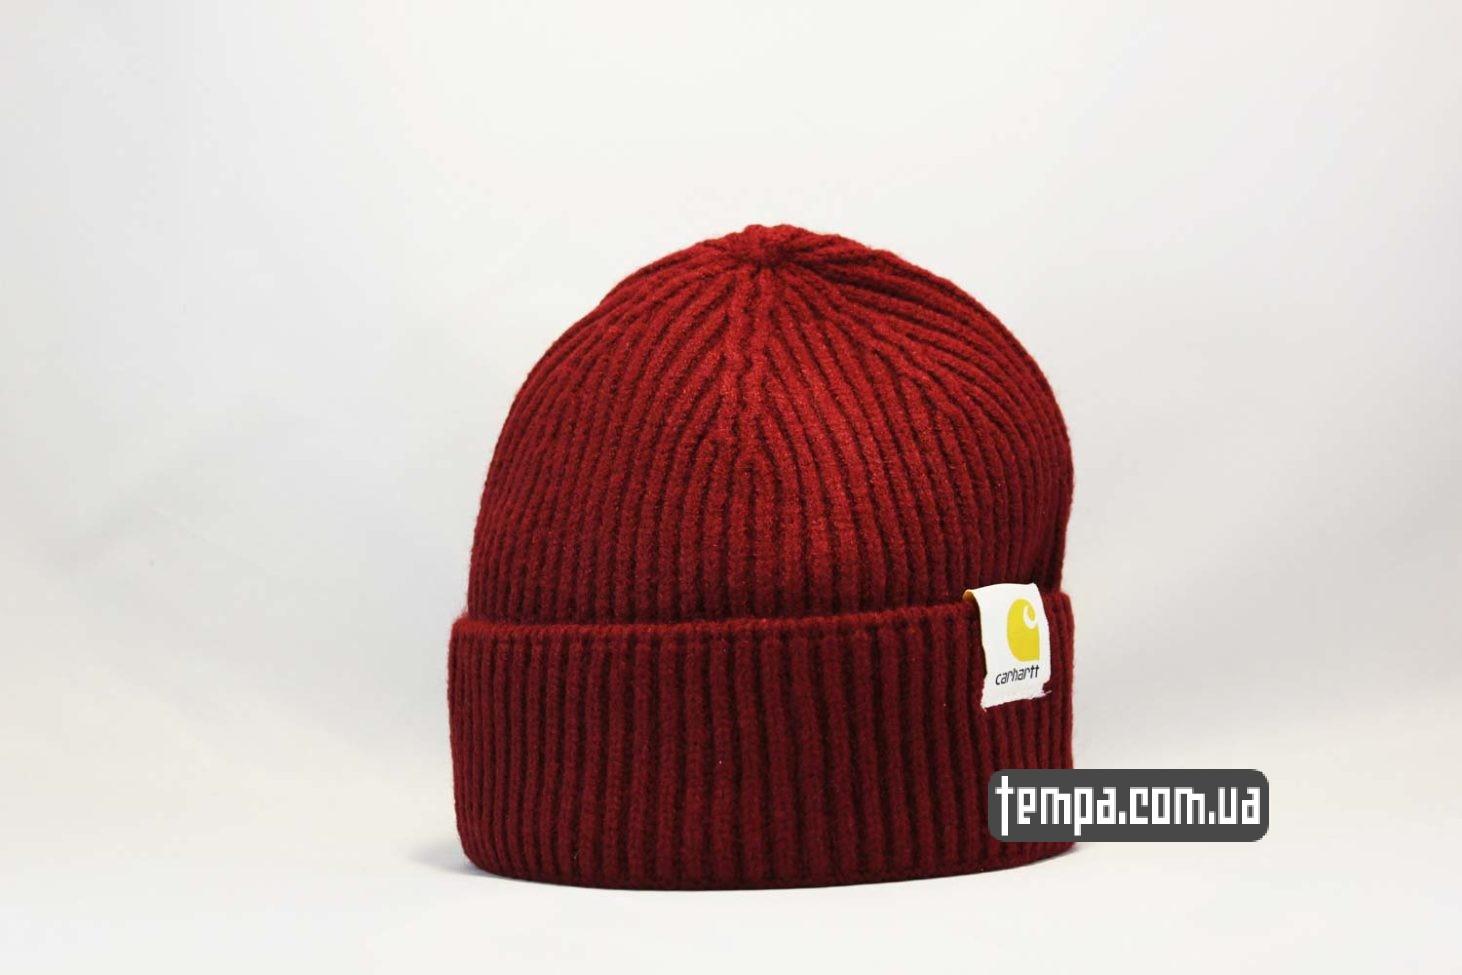 шапка beanie Carhartt red красная купить